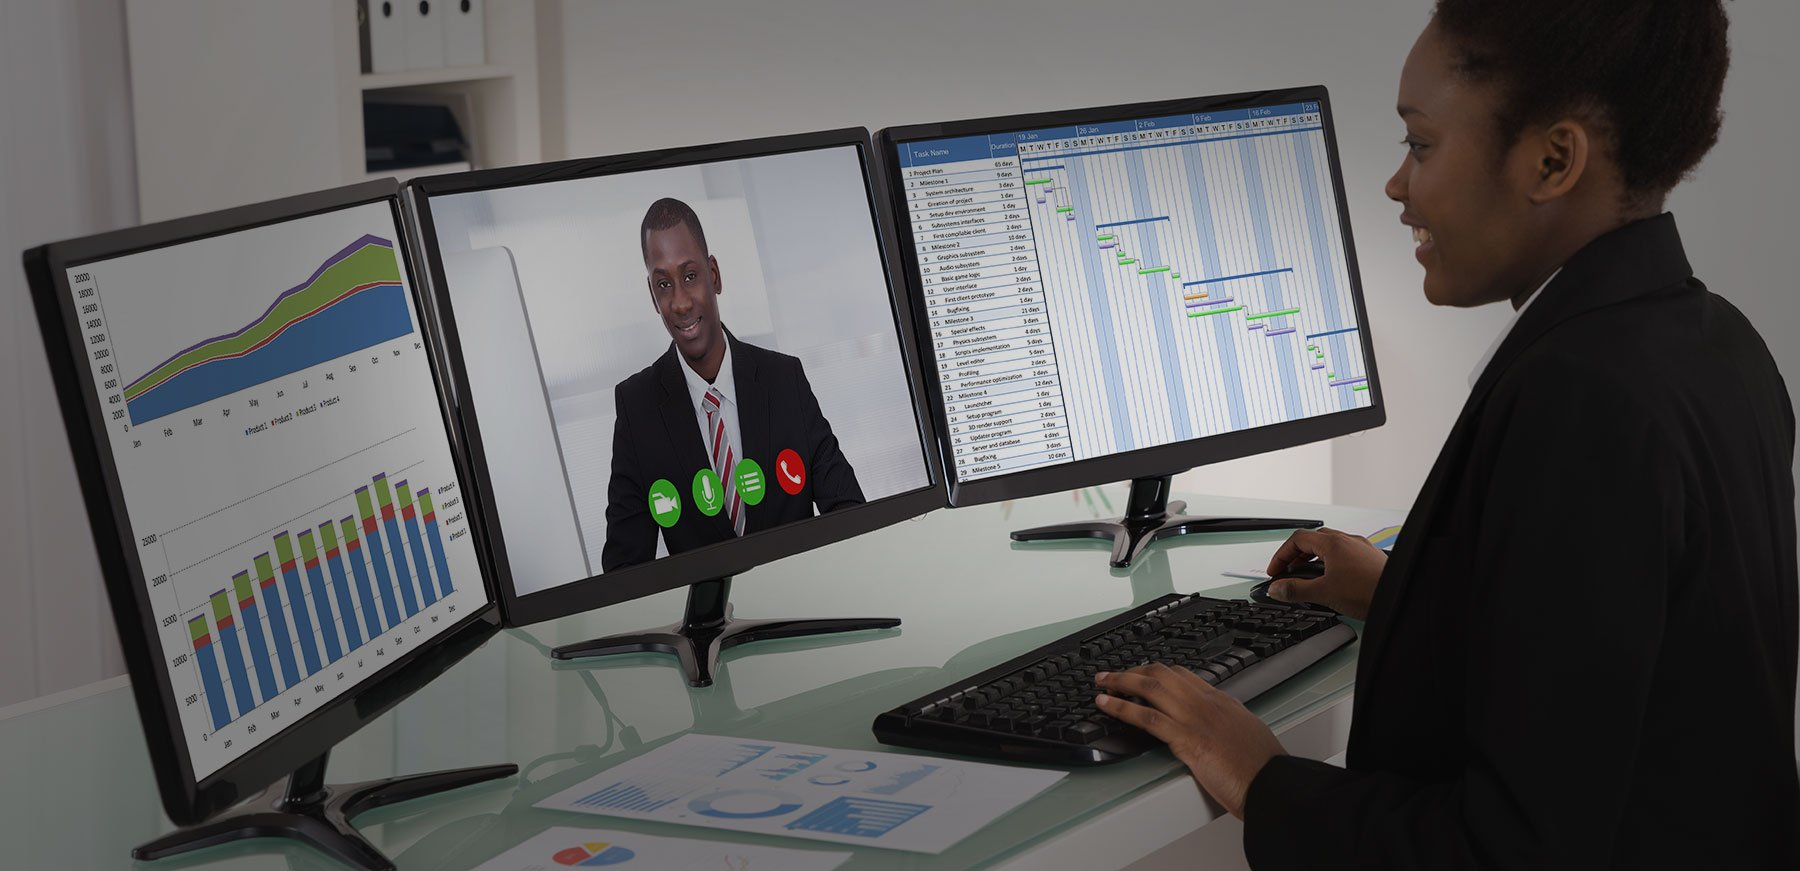 Une dame en appel video avec trois ecrans d'ordinateur